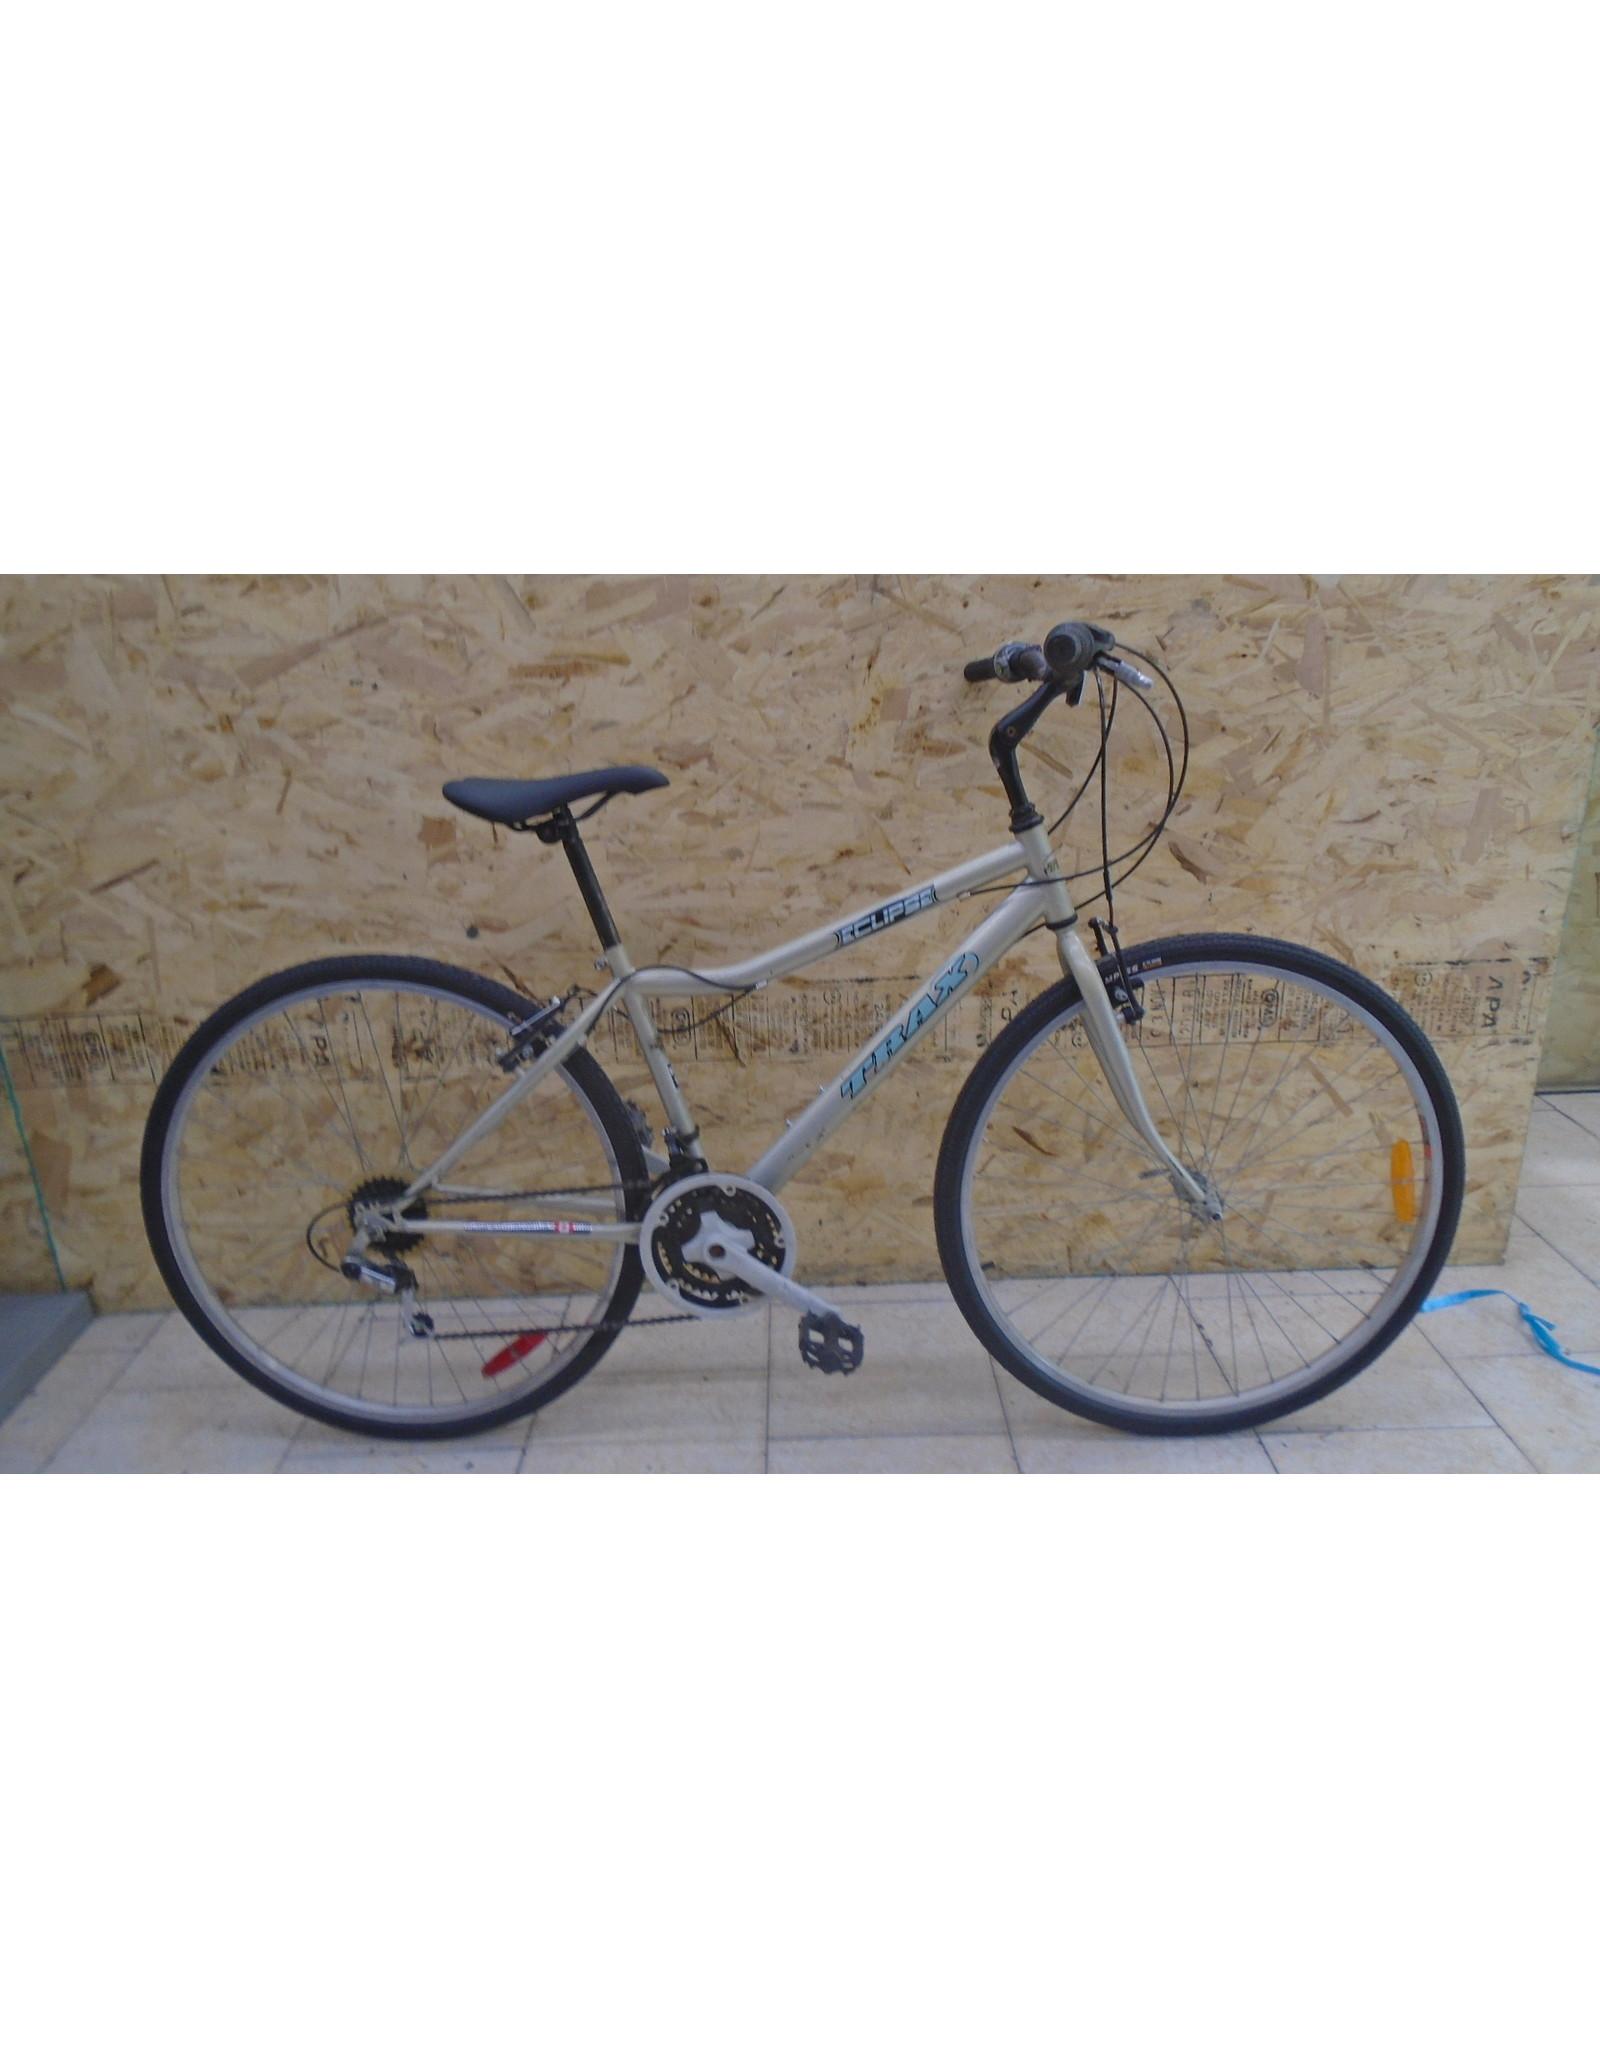 """Trax 16 """"Hybrid Used Bike - 10036"""